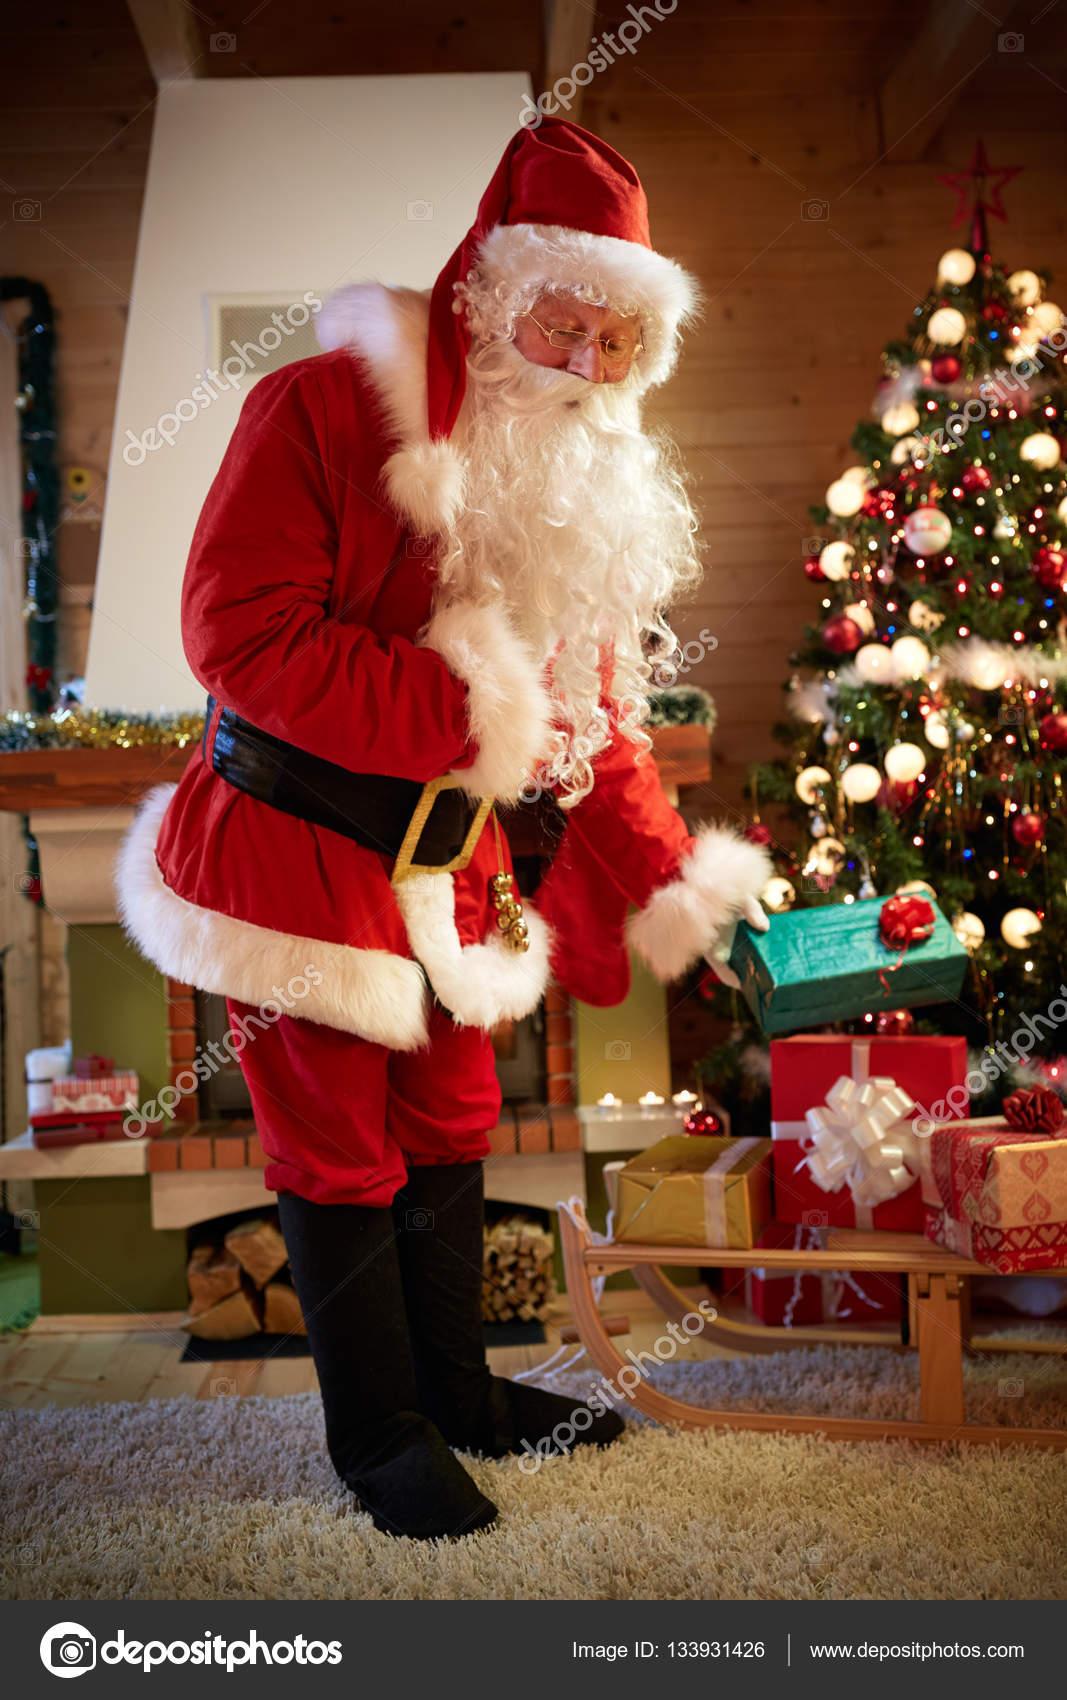 Weihnachten-Vater bringt Weihnachtsgeschenke — Stockfoto ...